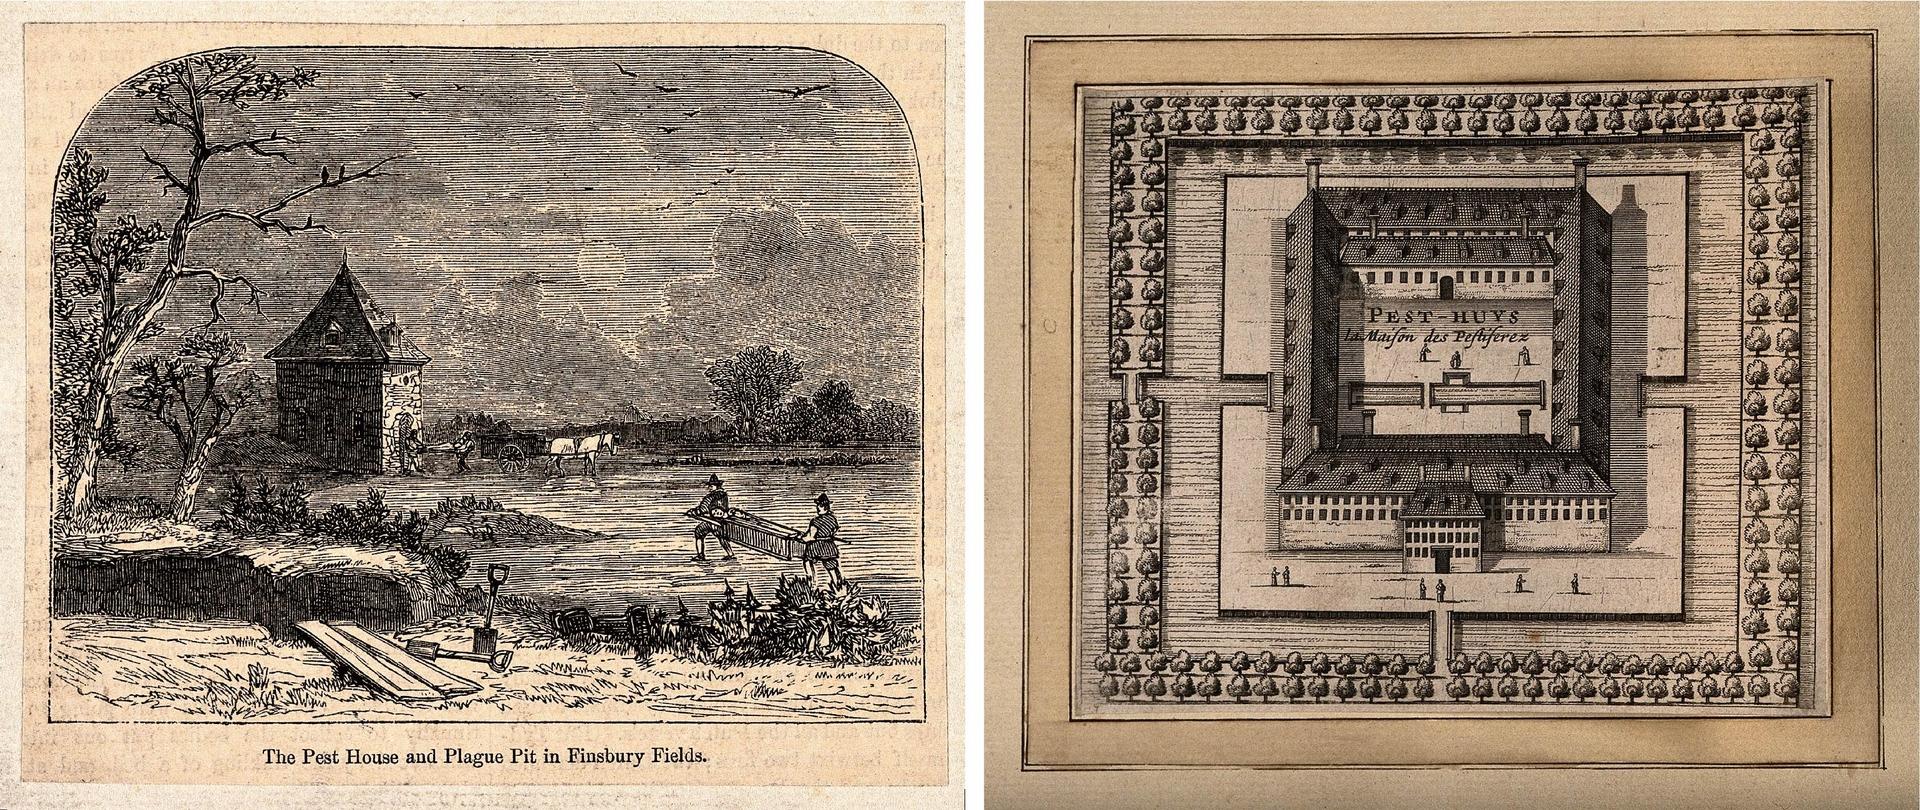 過去隔離所有簡易的木屋形式(左),後來也出現系統化、大規模建蓋,低樓層沒有窗戶、單一出入口,隔離所中間有活動空地,外圍則以河流、樹叢環繞,阻擋「瘴氣」飄散,圖(右)為近現代荷蘭萊頓的瘟疫收容所。圖片來源│(左)Moorfields, London,Wiki/(右)Wellcome Library